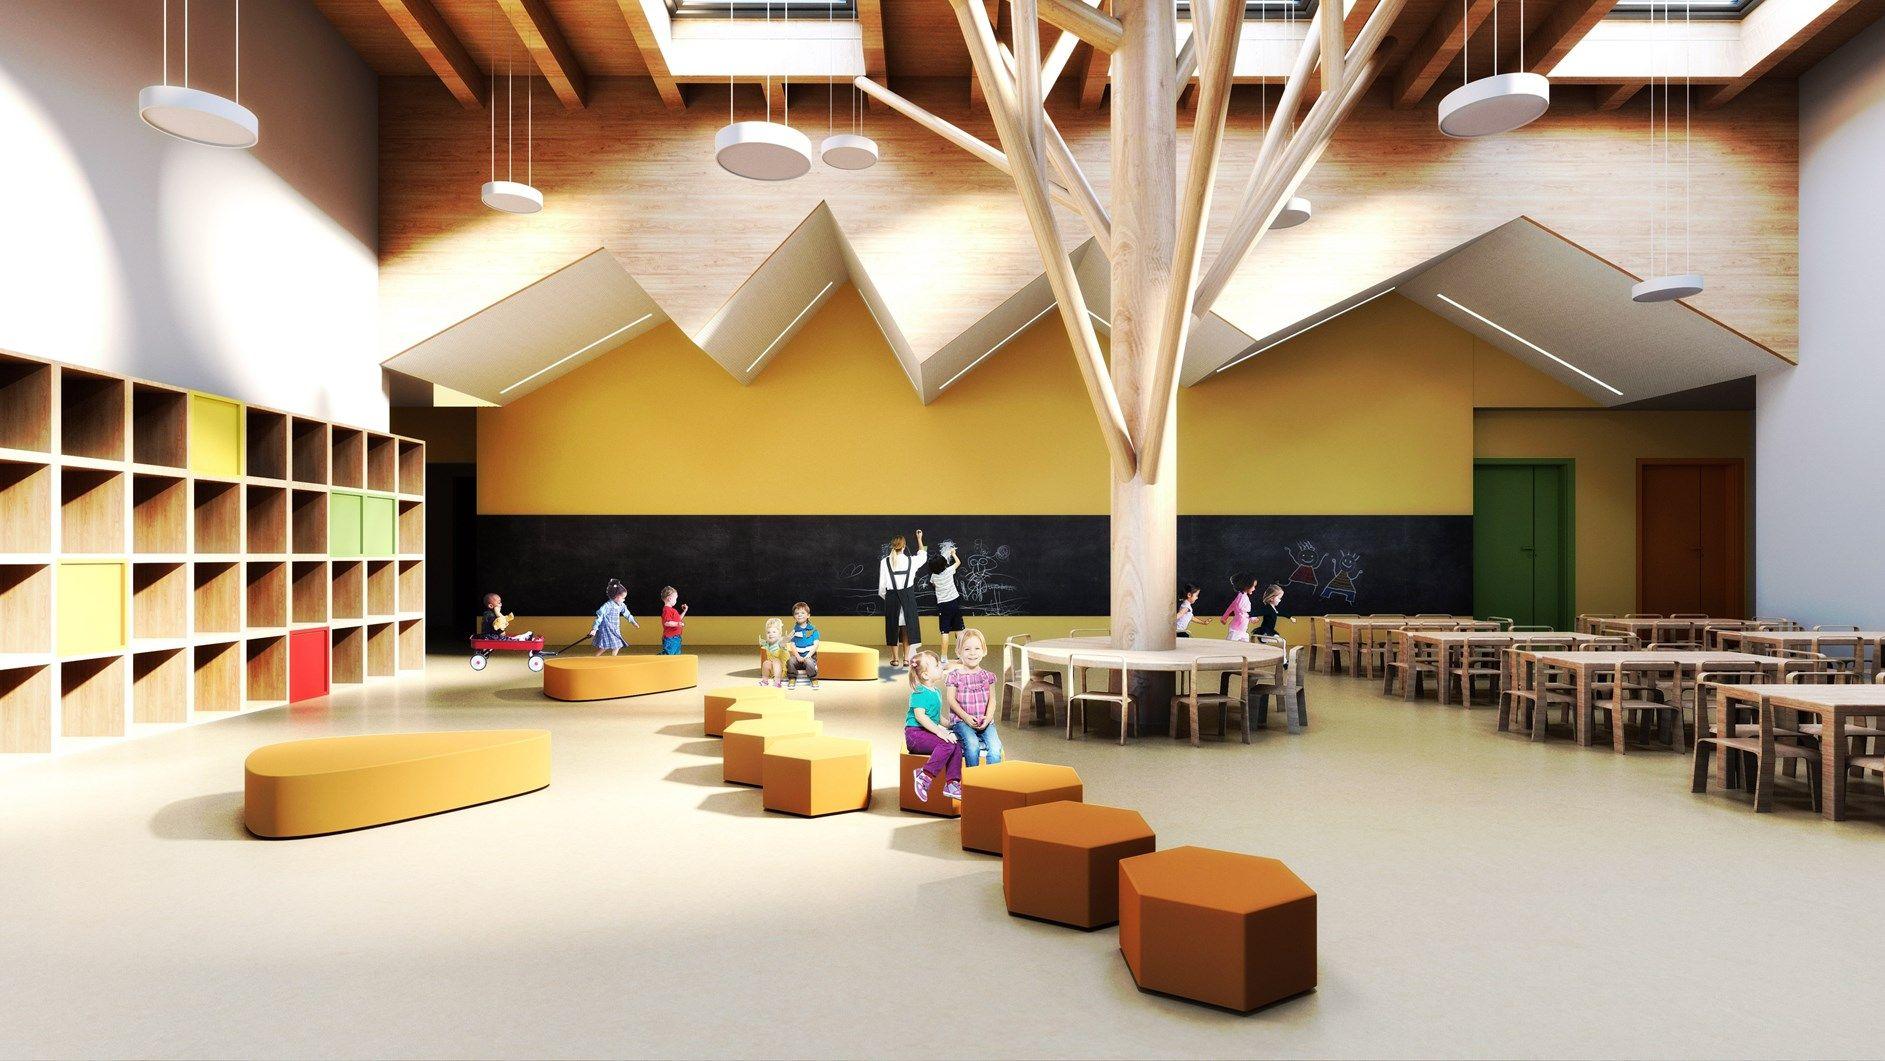 Nuova vita per l'edilizia scolastica, con il contributo di Rockwool